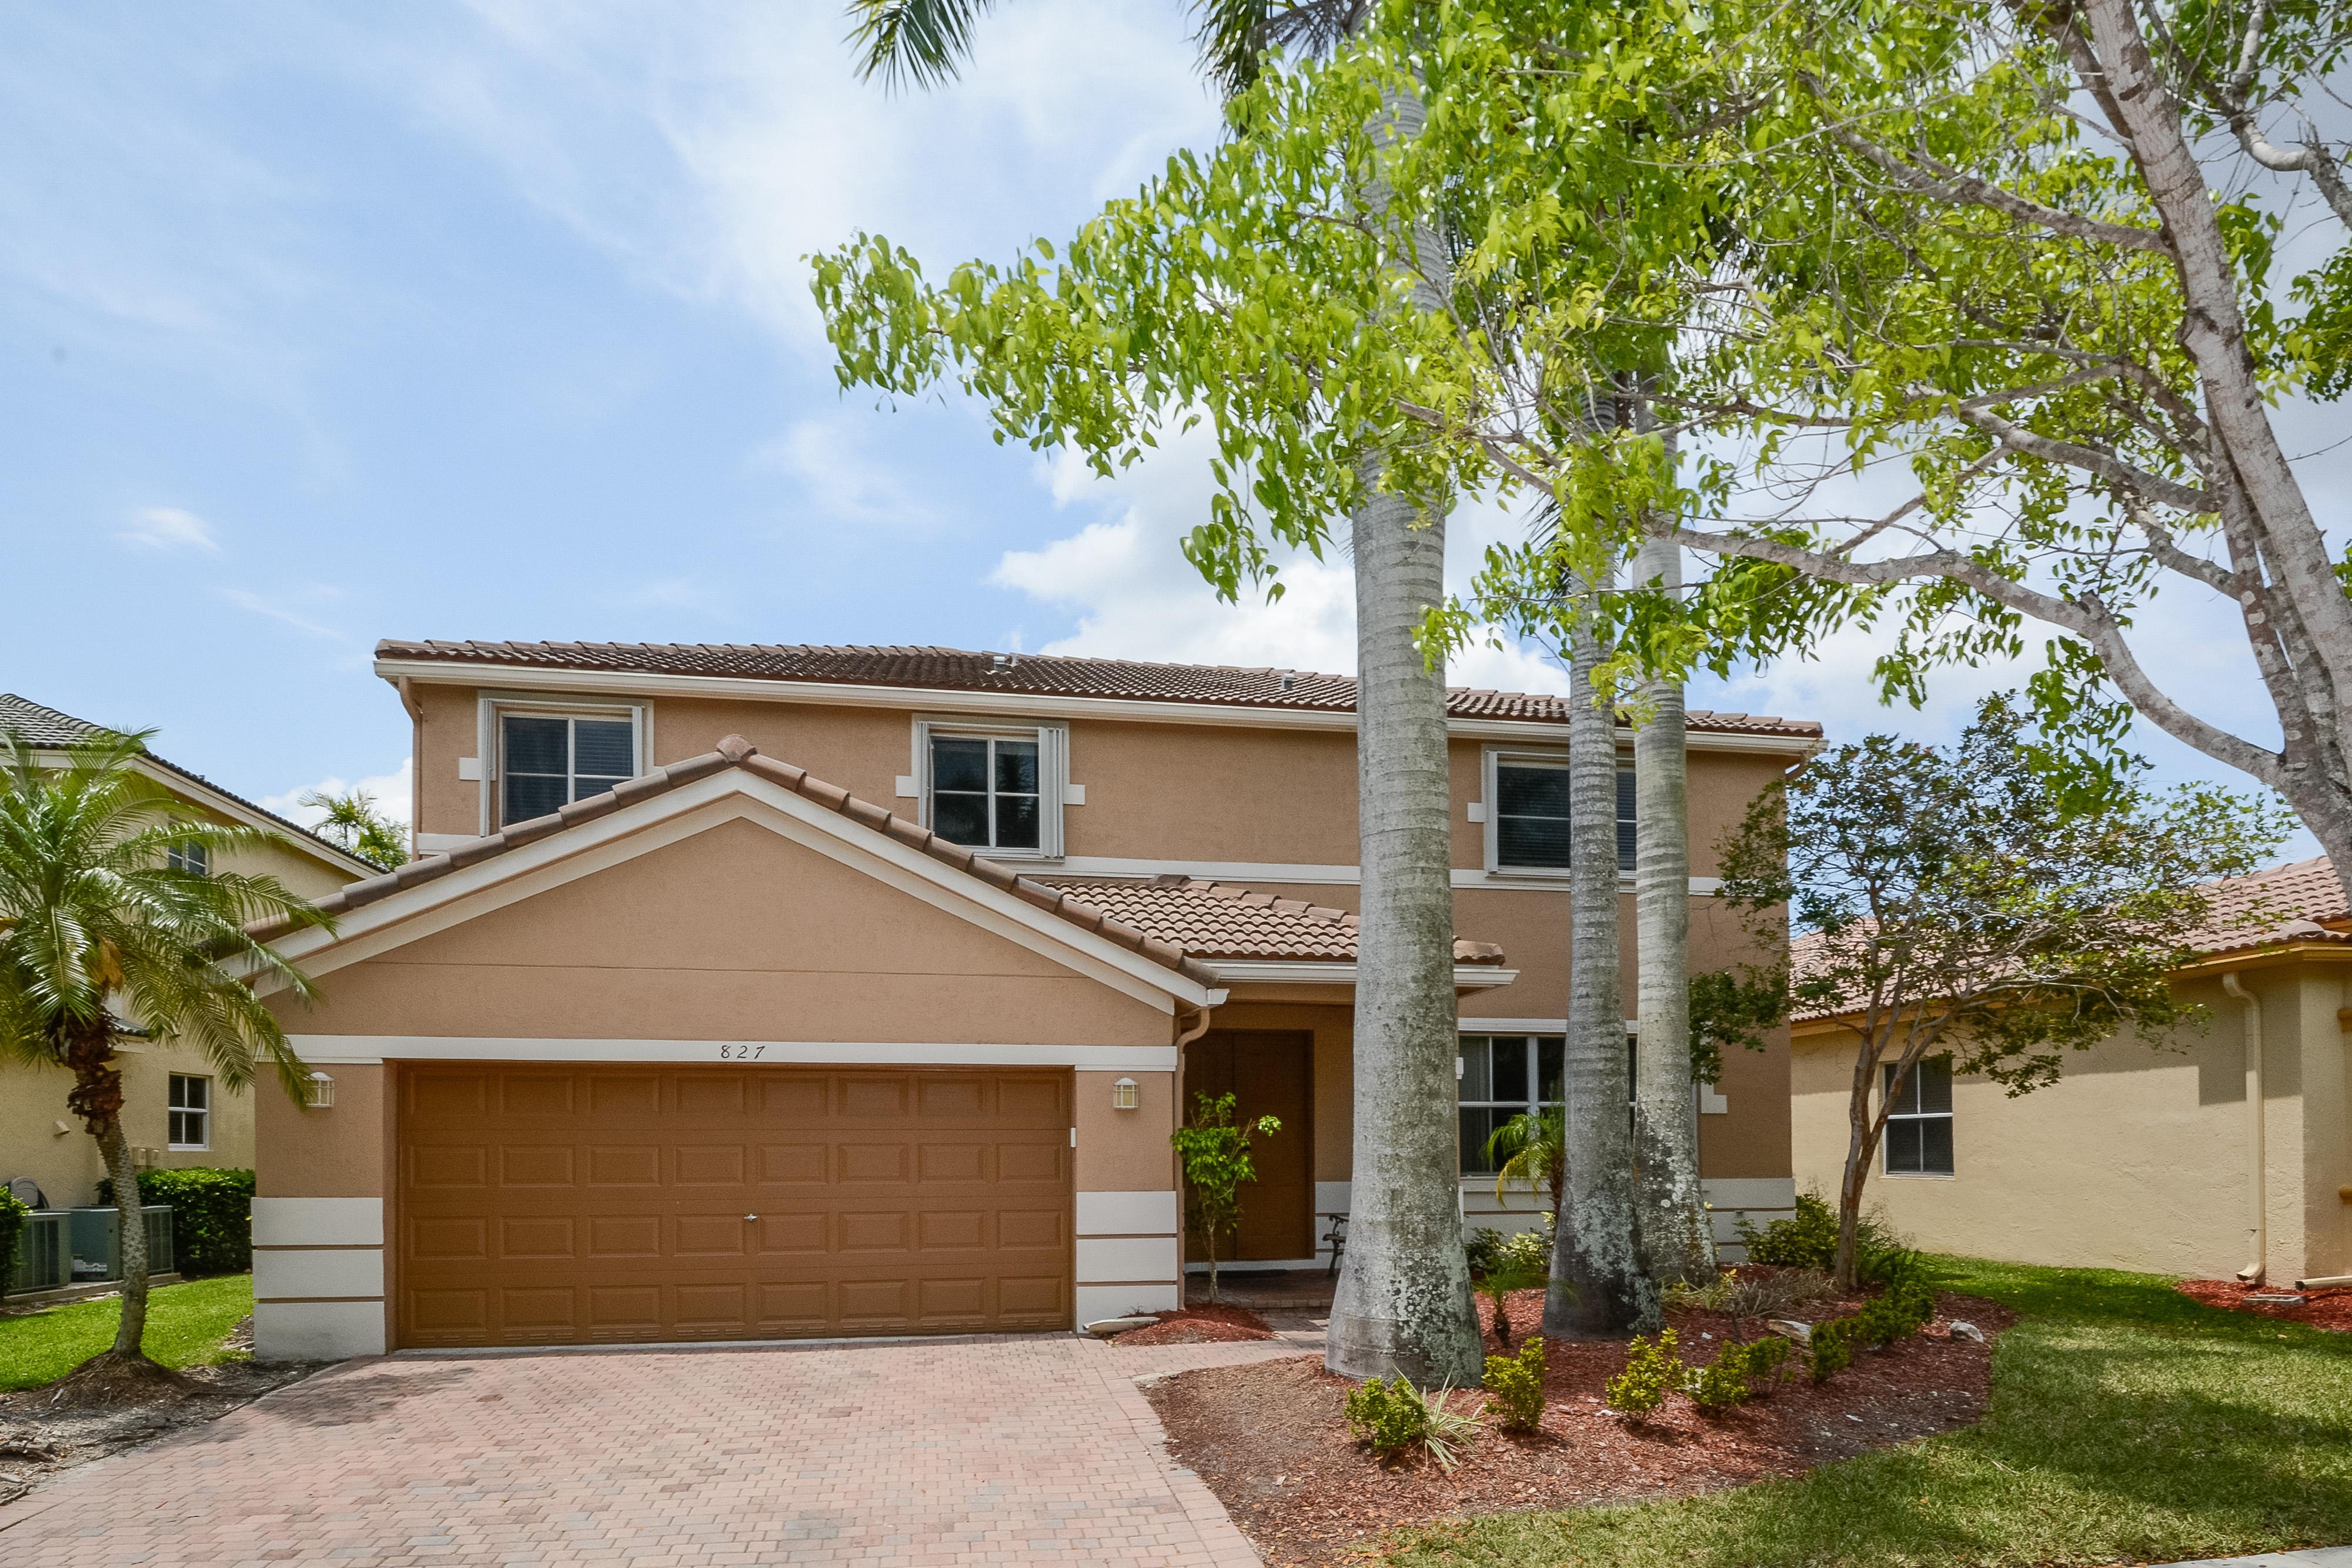 Casa Unifamiliar por un Venta en 827 Nandina Dr Weston, Florida, 33327 Estados Unidos